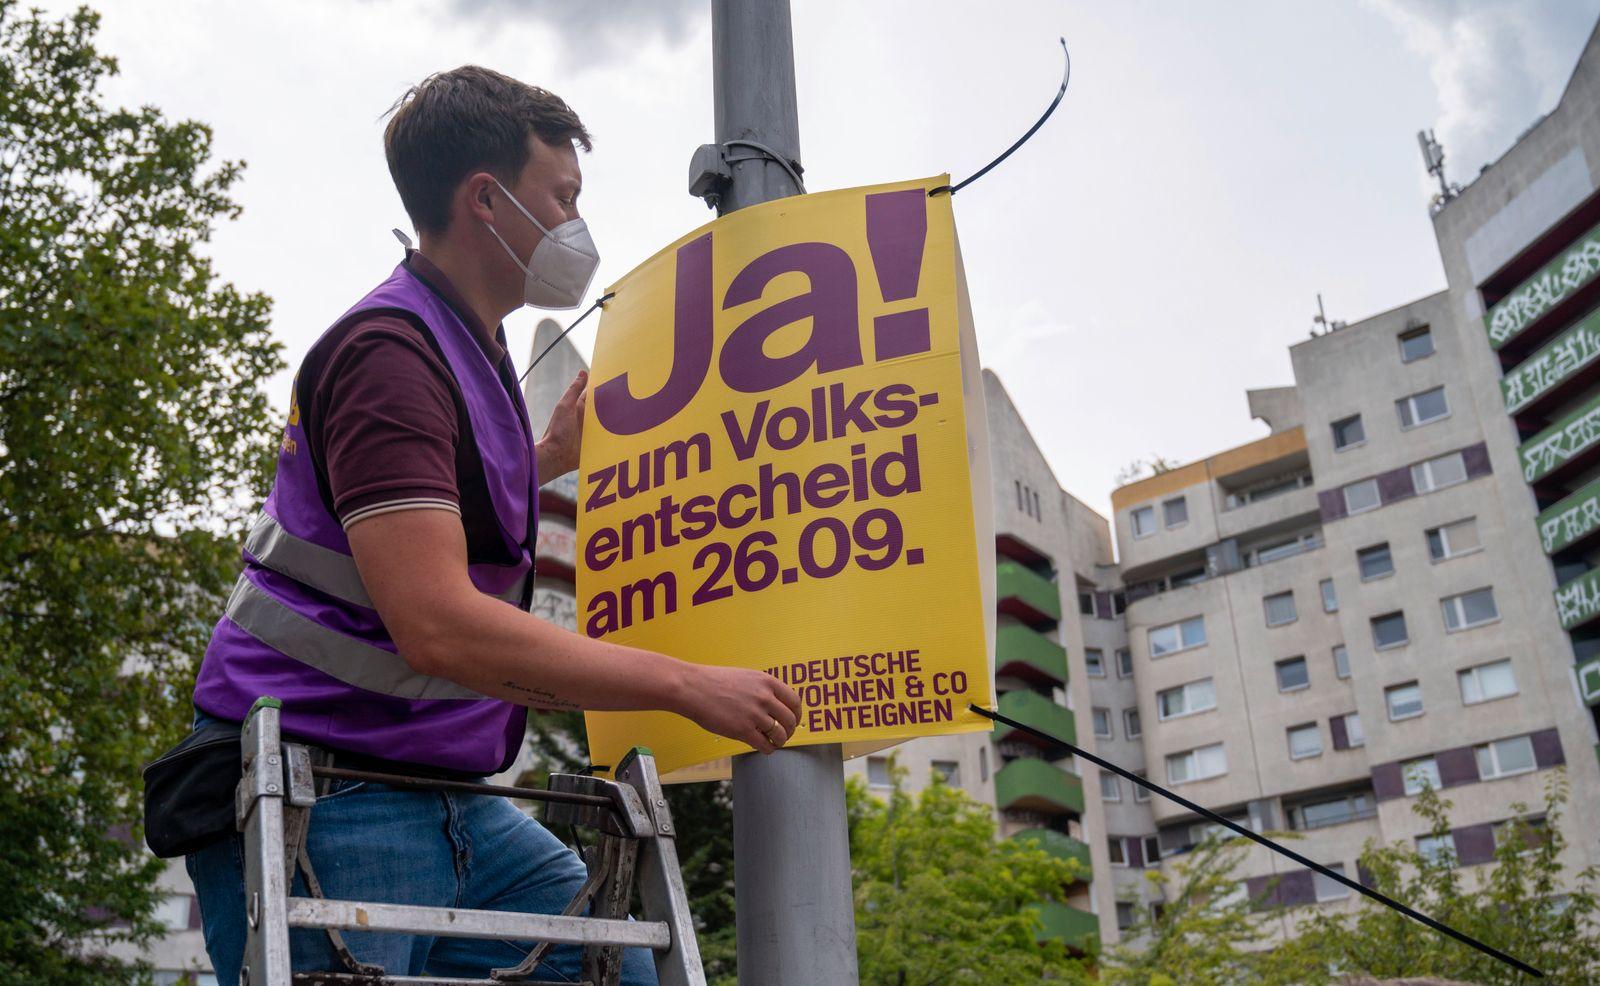 Wahlkampfauftakt Deutsche Wohnen & Co. enteignen